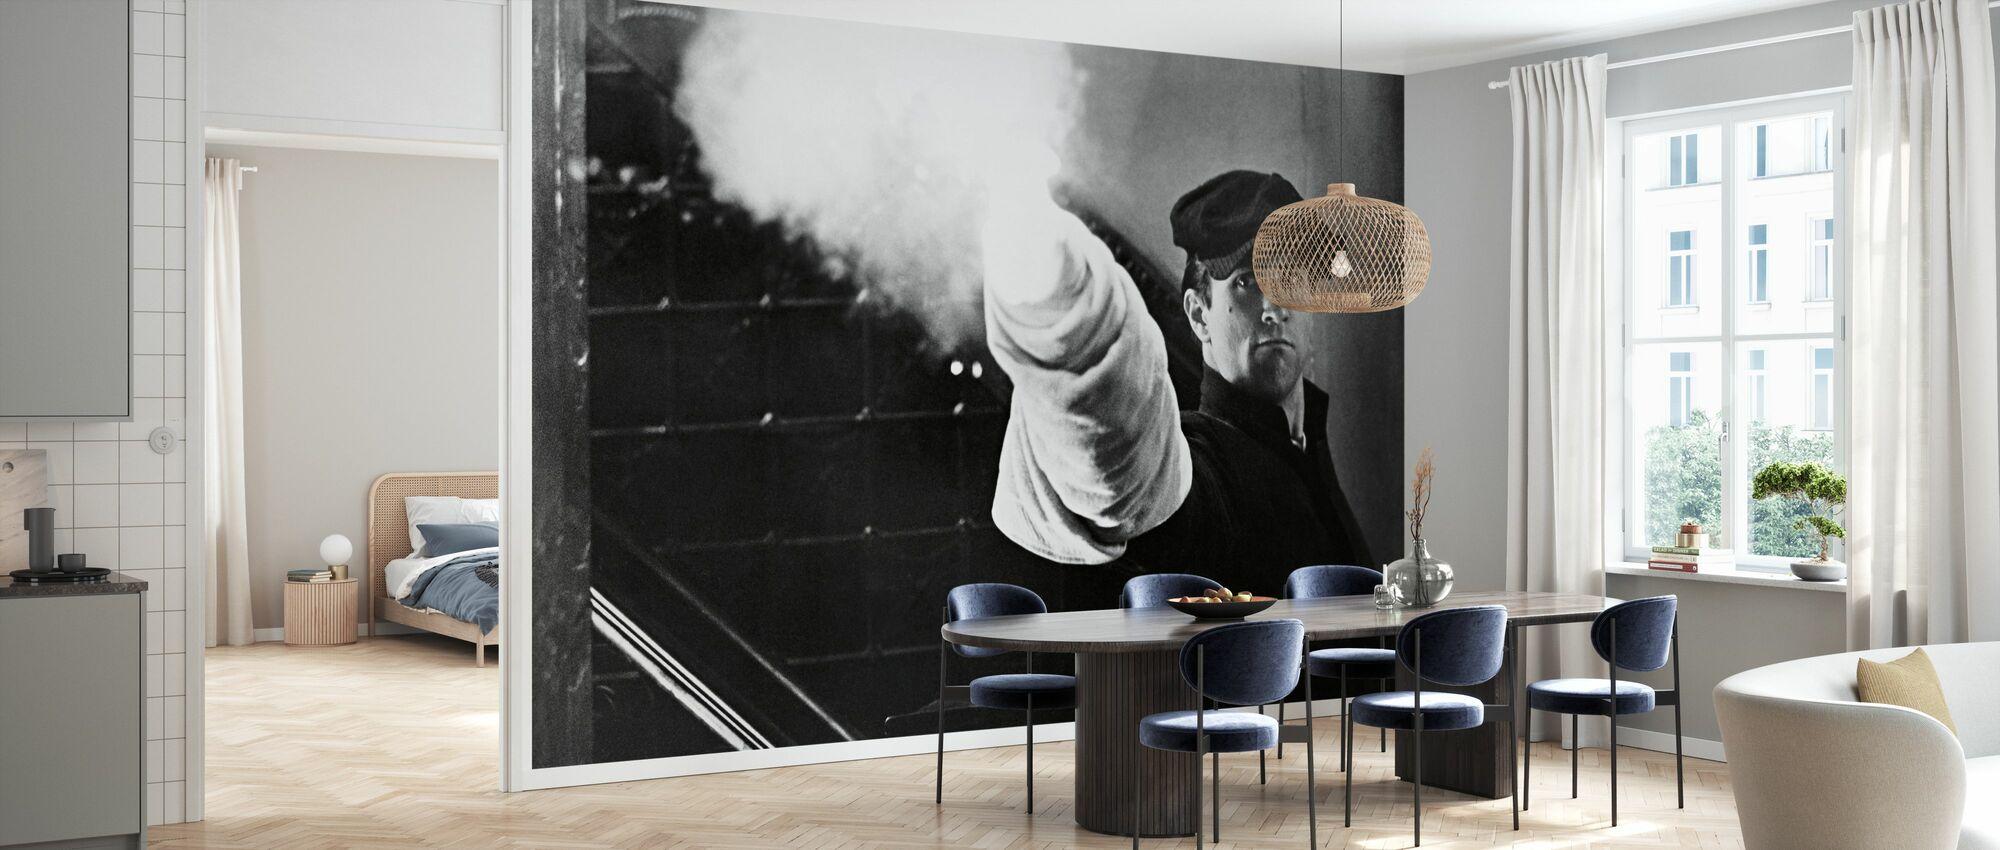 Robert De Niro in the Godfather Part II - Wallpaper - Kitchen